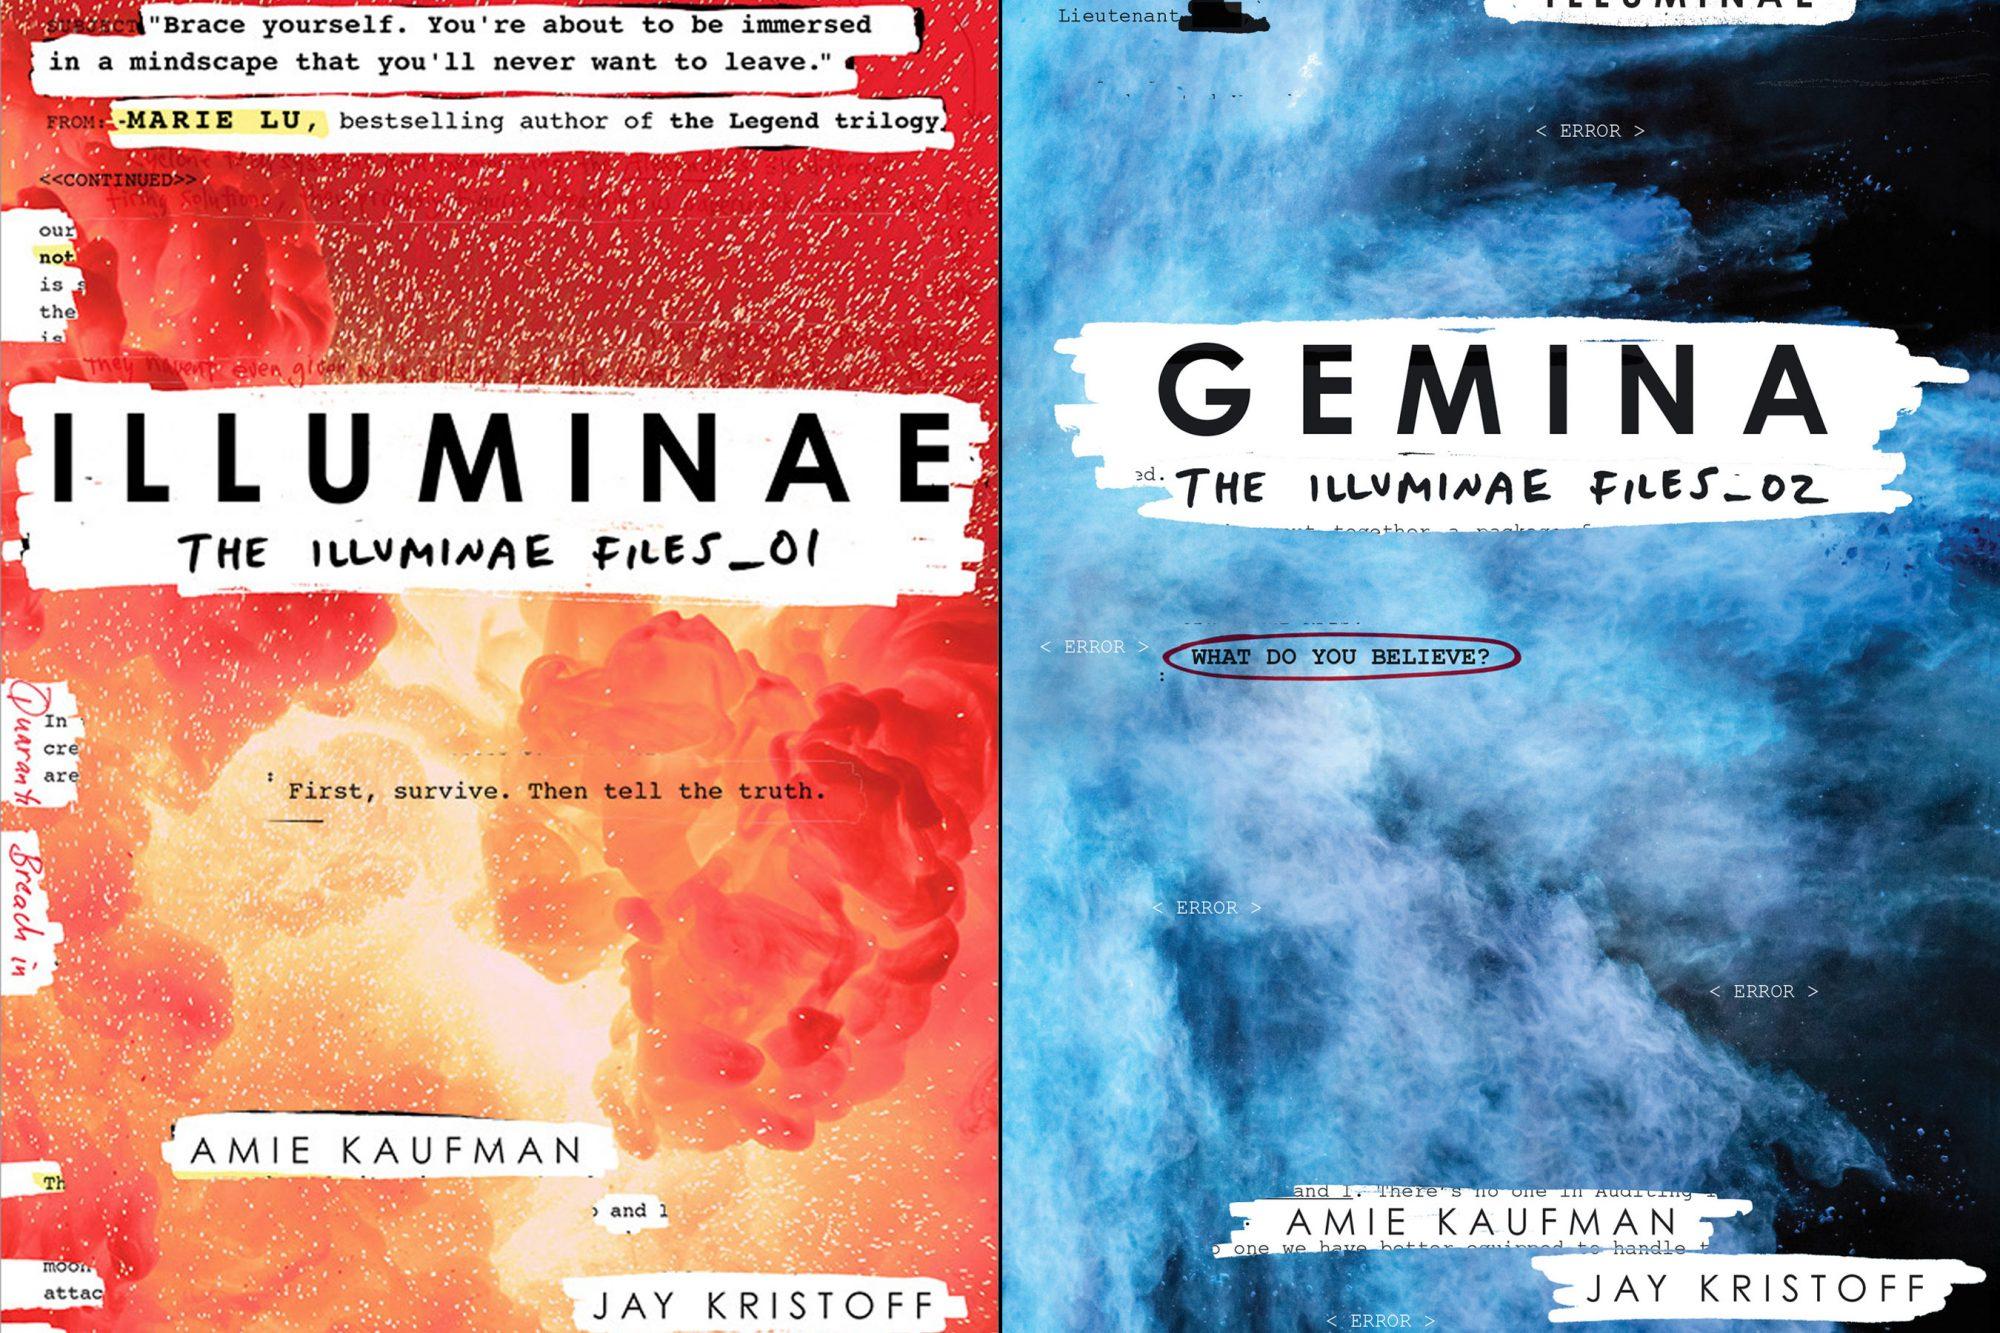 The Illuminae Files 1 & 2 split